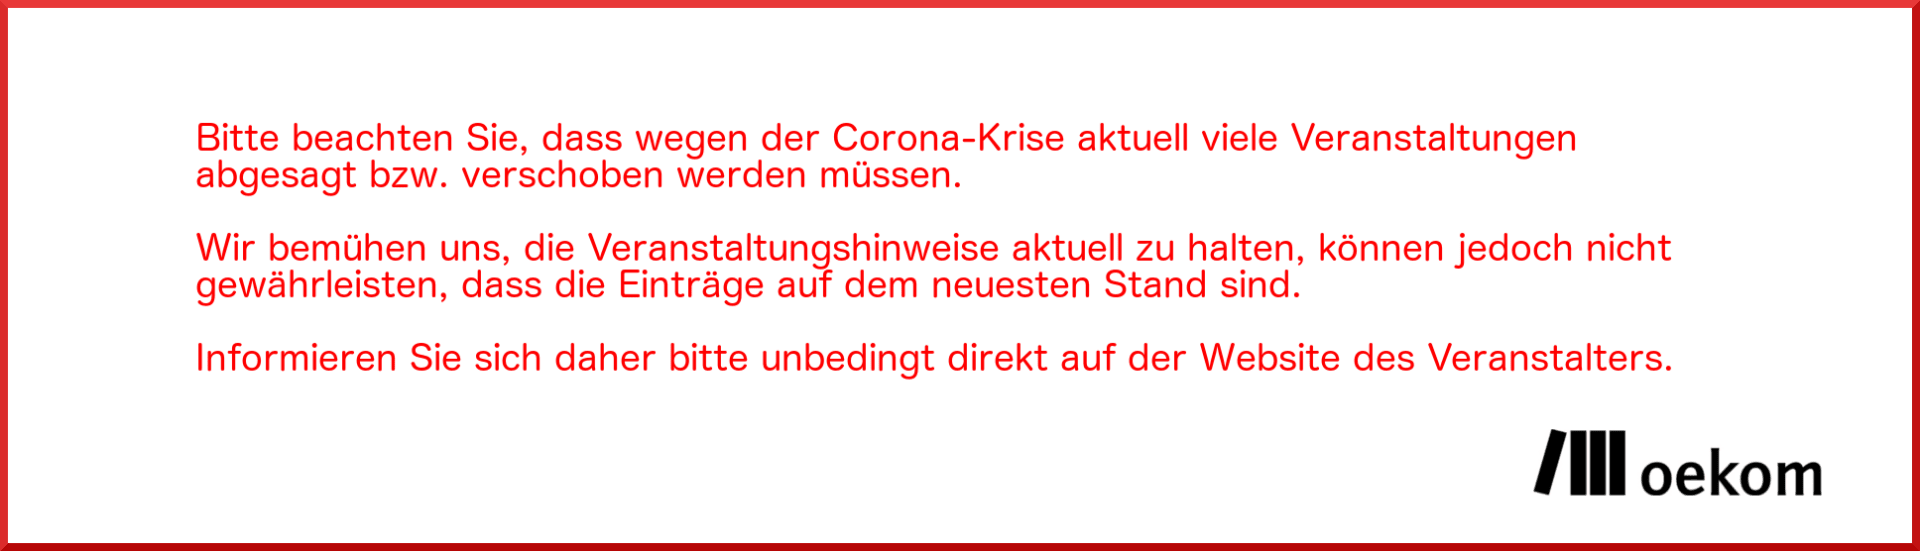 Bitte beachten Sie, dass wegen der Corona-Krise viele Veranstaltungen abgesagt bzw. verschoben werden müssen.